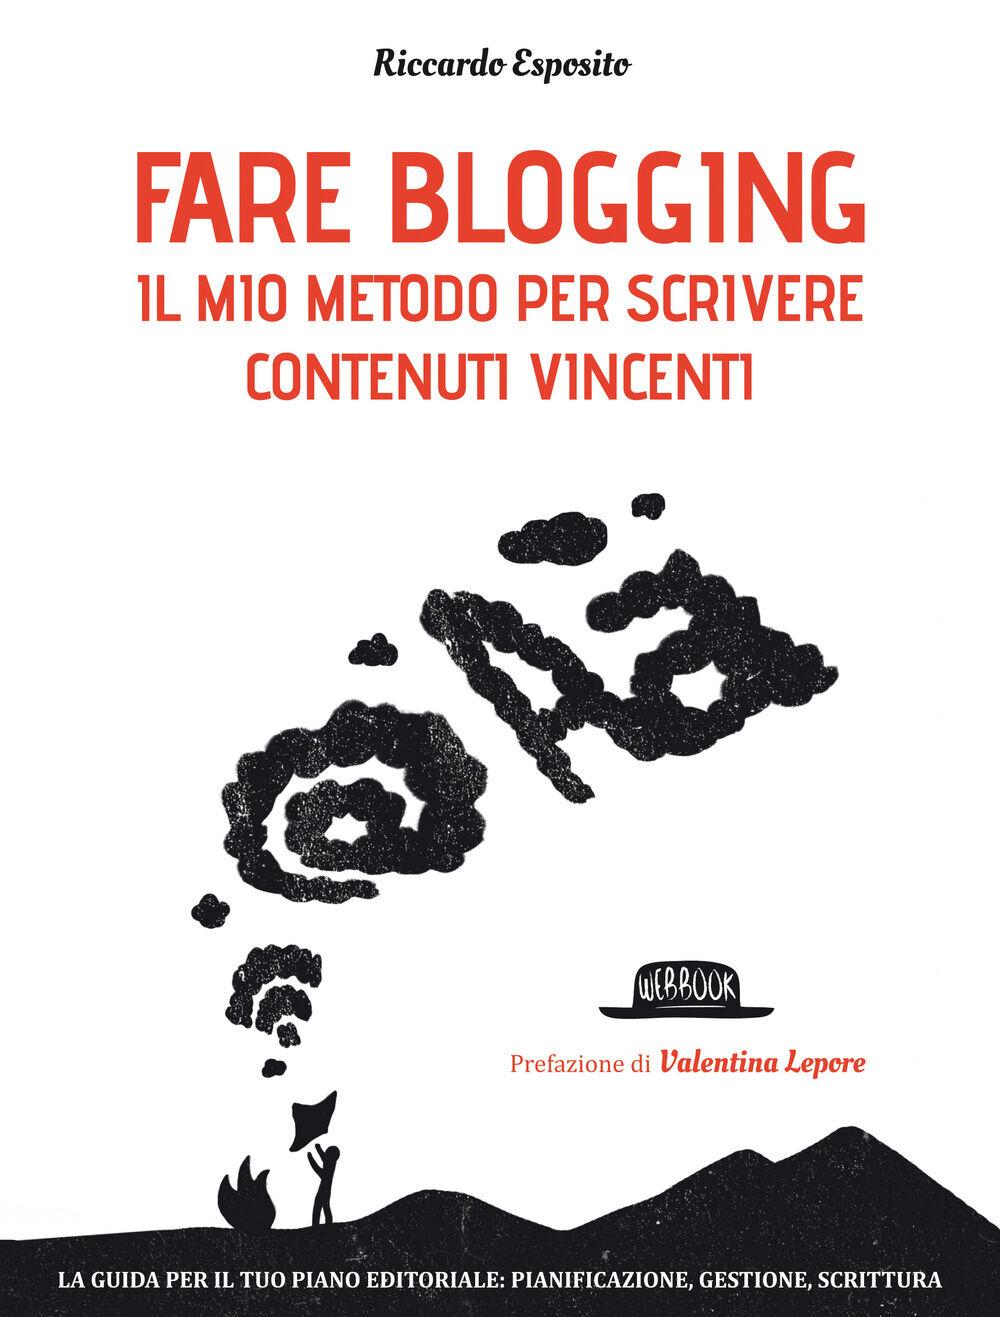 Fare blogging. Il mio metodo per scrivere contenuti vincenti